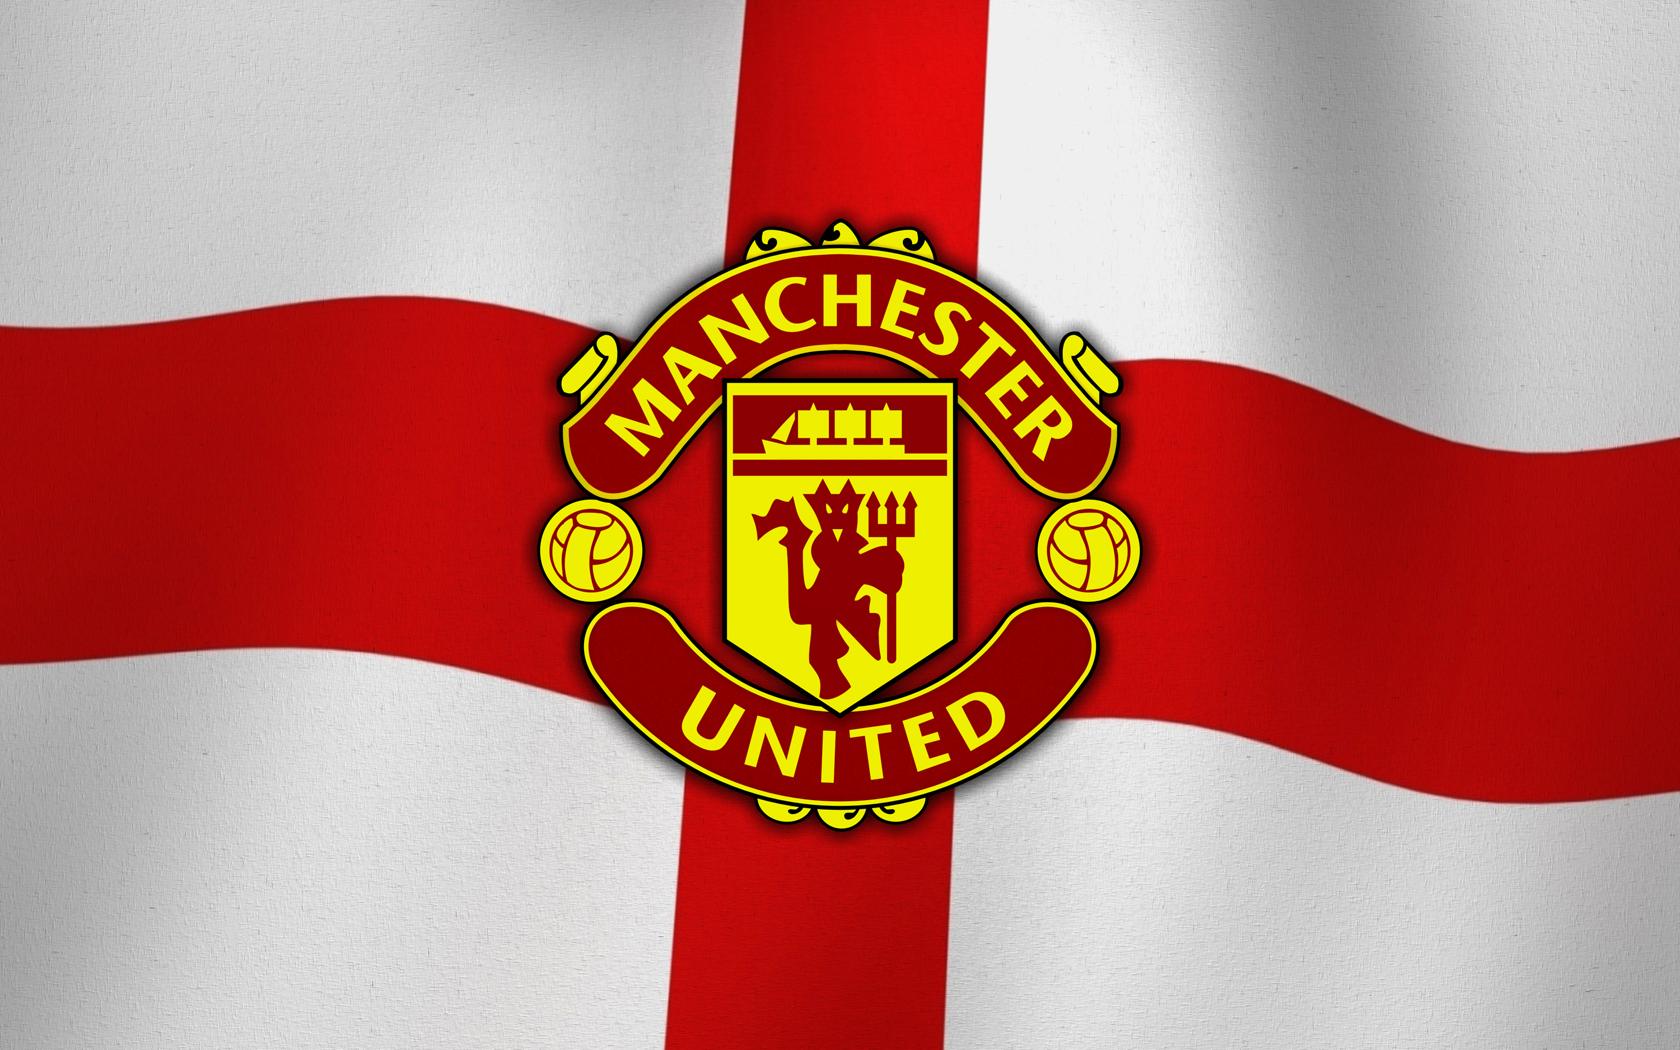 Il Manchester United Football Club NYSE MANU noto semplicemente come Manchester United è una società calcistica inglese con sede nella città di Manchester